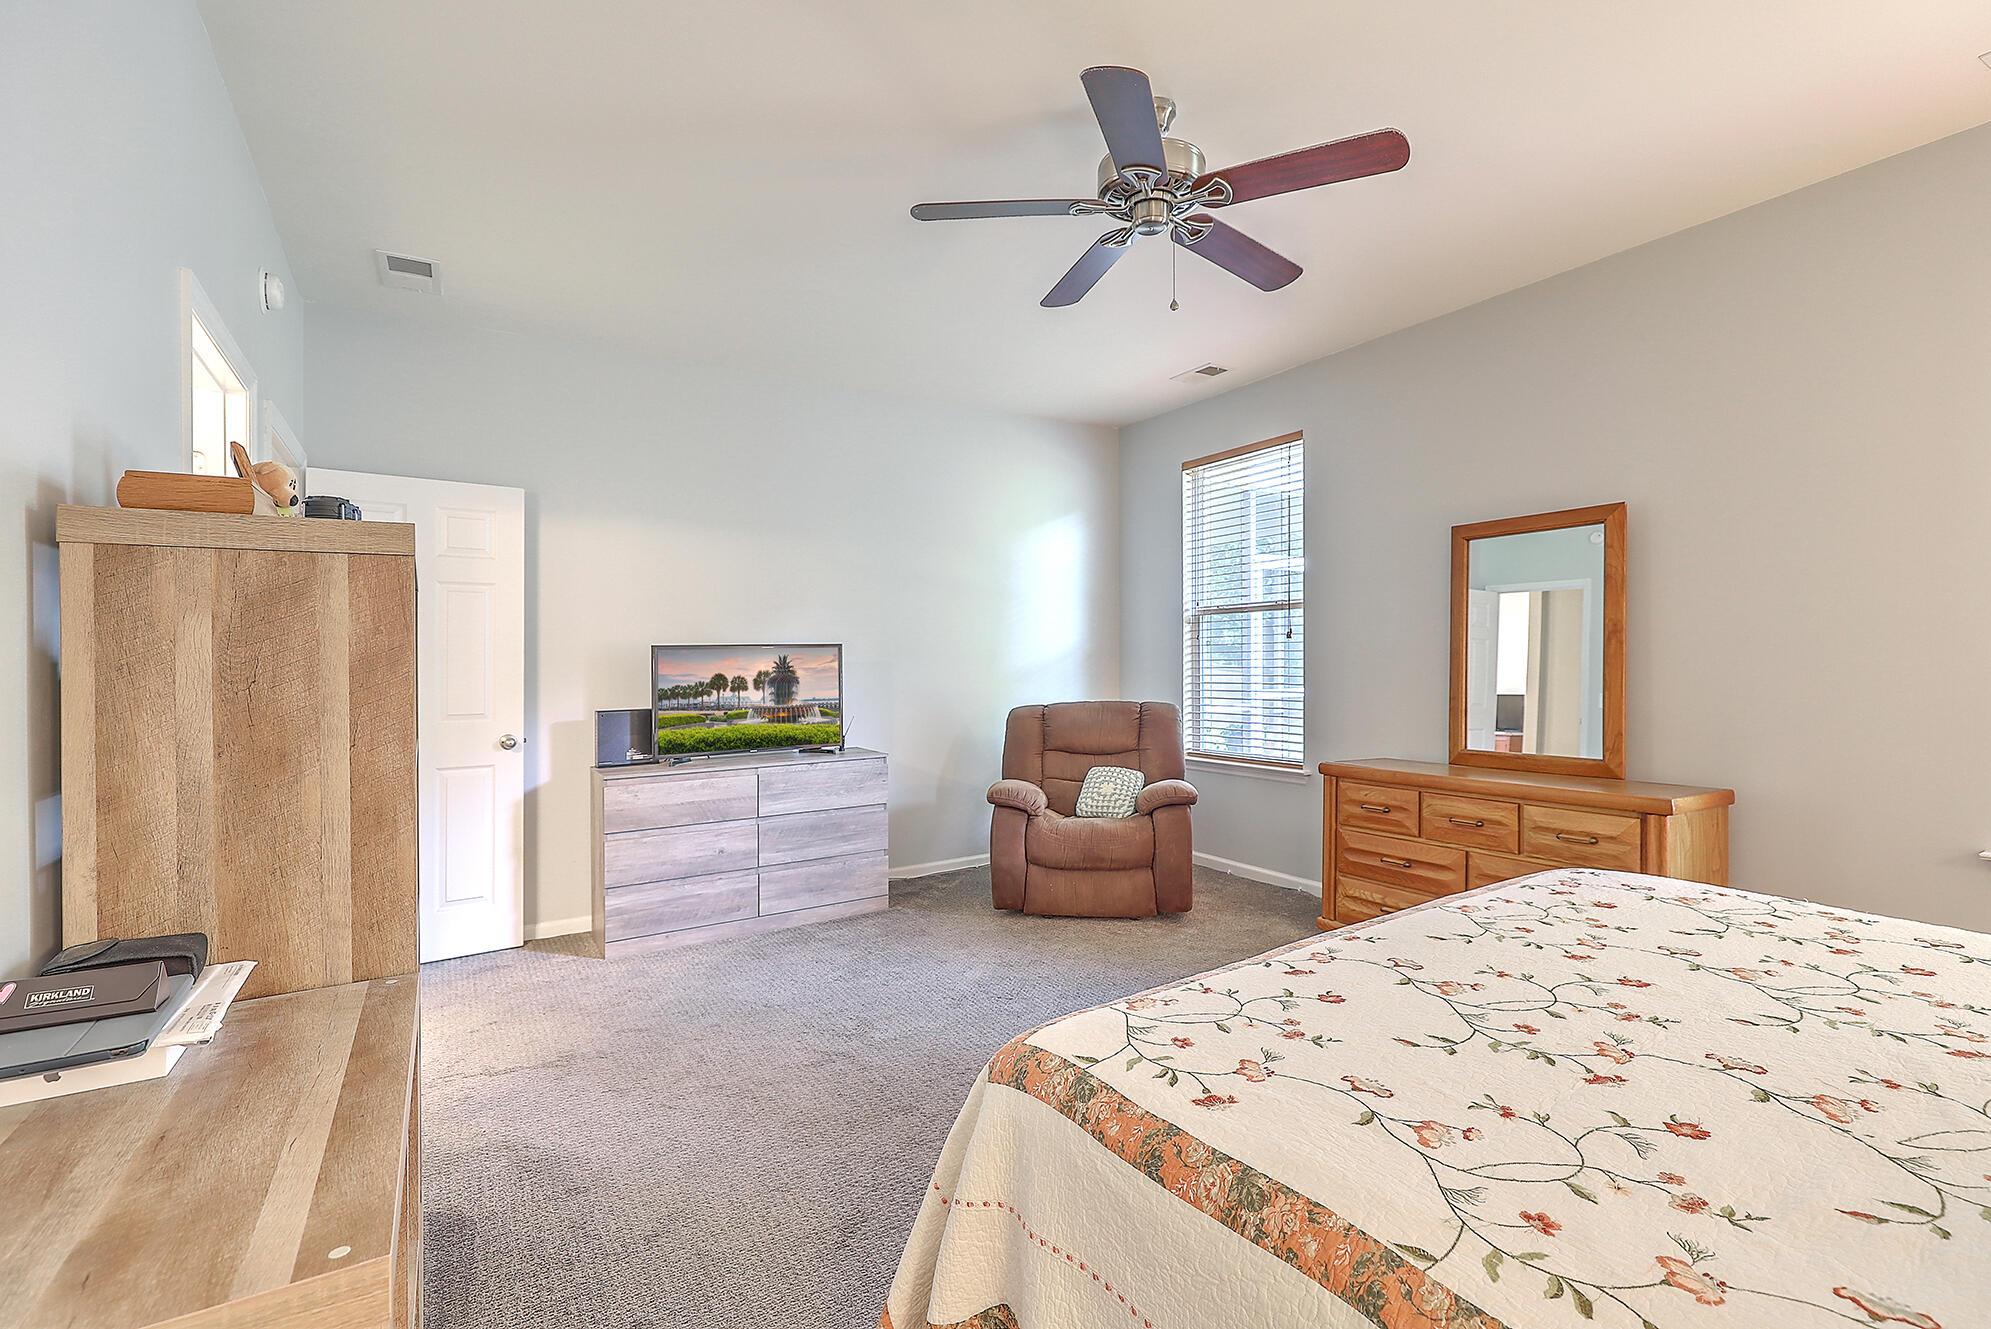 Lieben Park Homes For Sale - 3631 Franklin Tower, Mount Pleasant, SC - 11